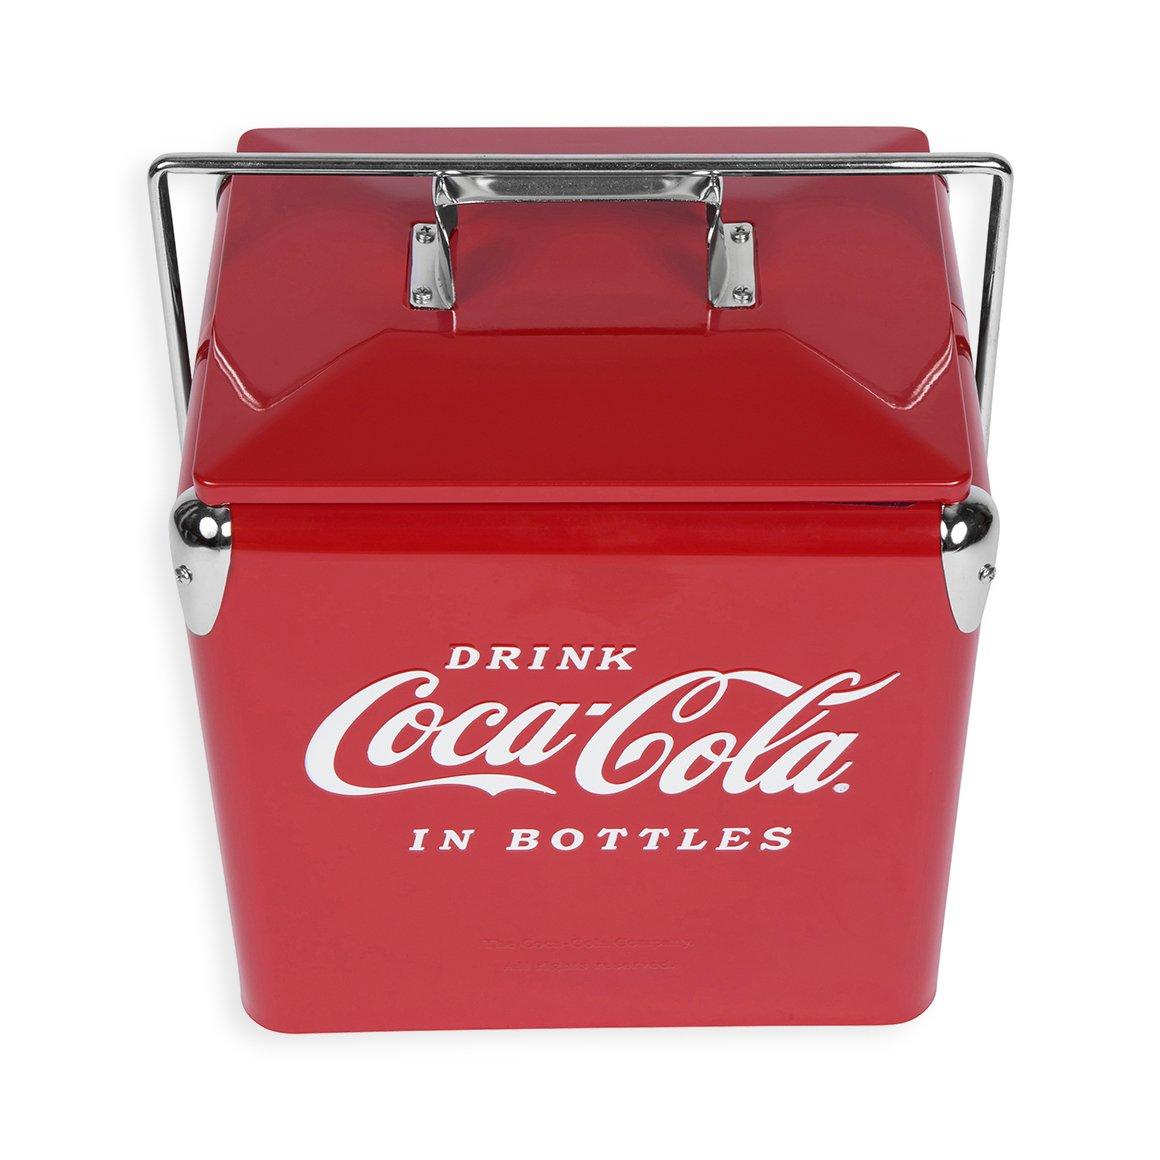 Classic Picnic Coolers - Coca-Cola 1